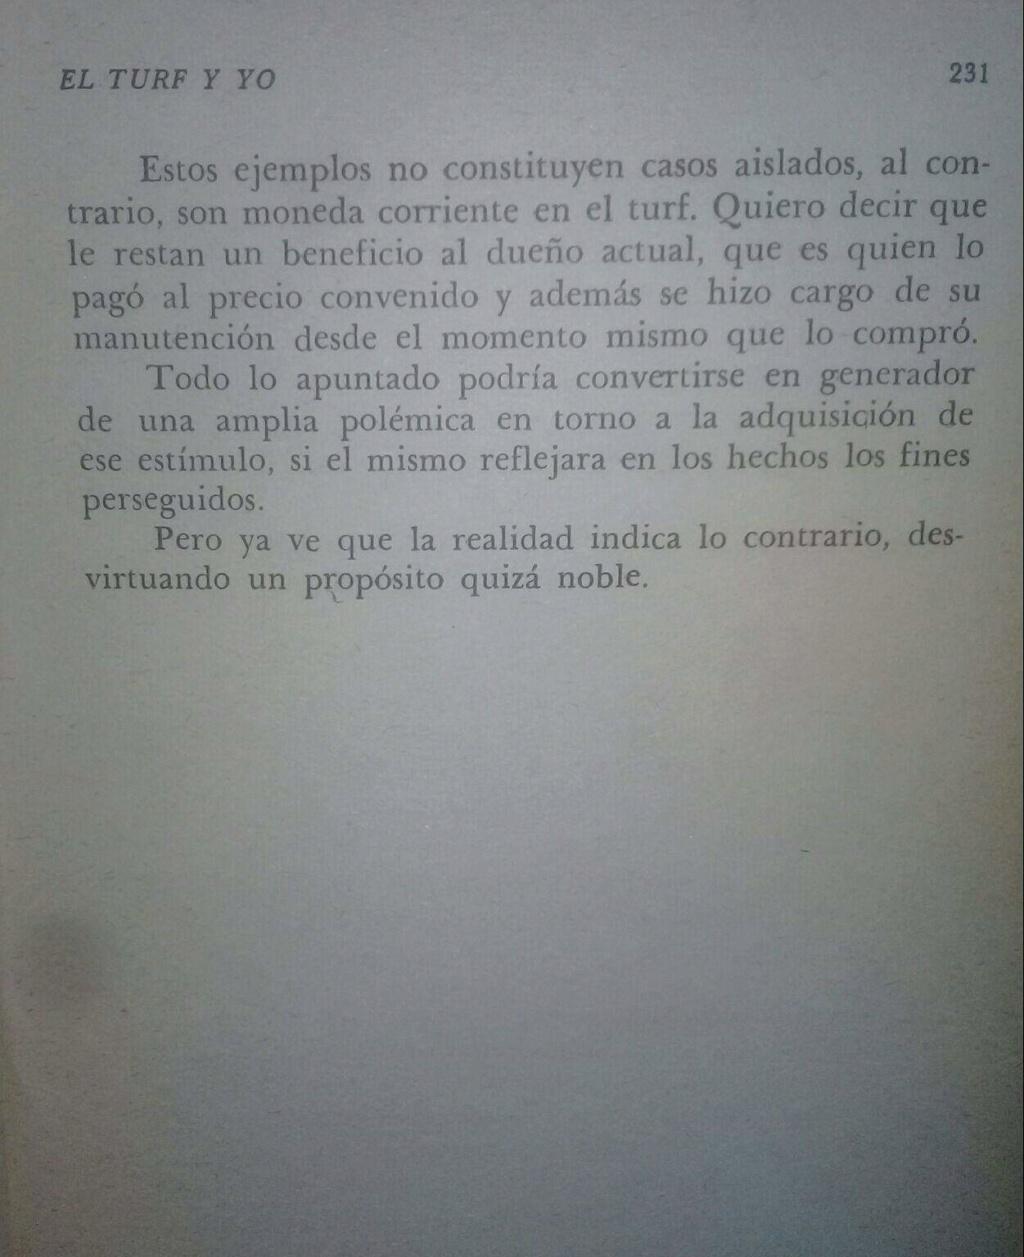 LIBRO EL TURF Y YO JUAN DE LA CRUZ 19d10